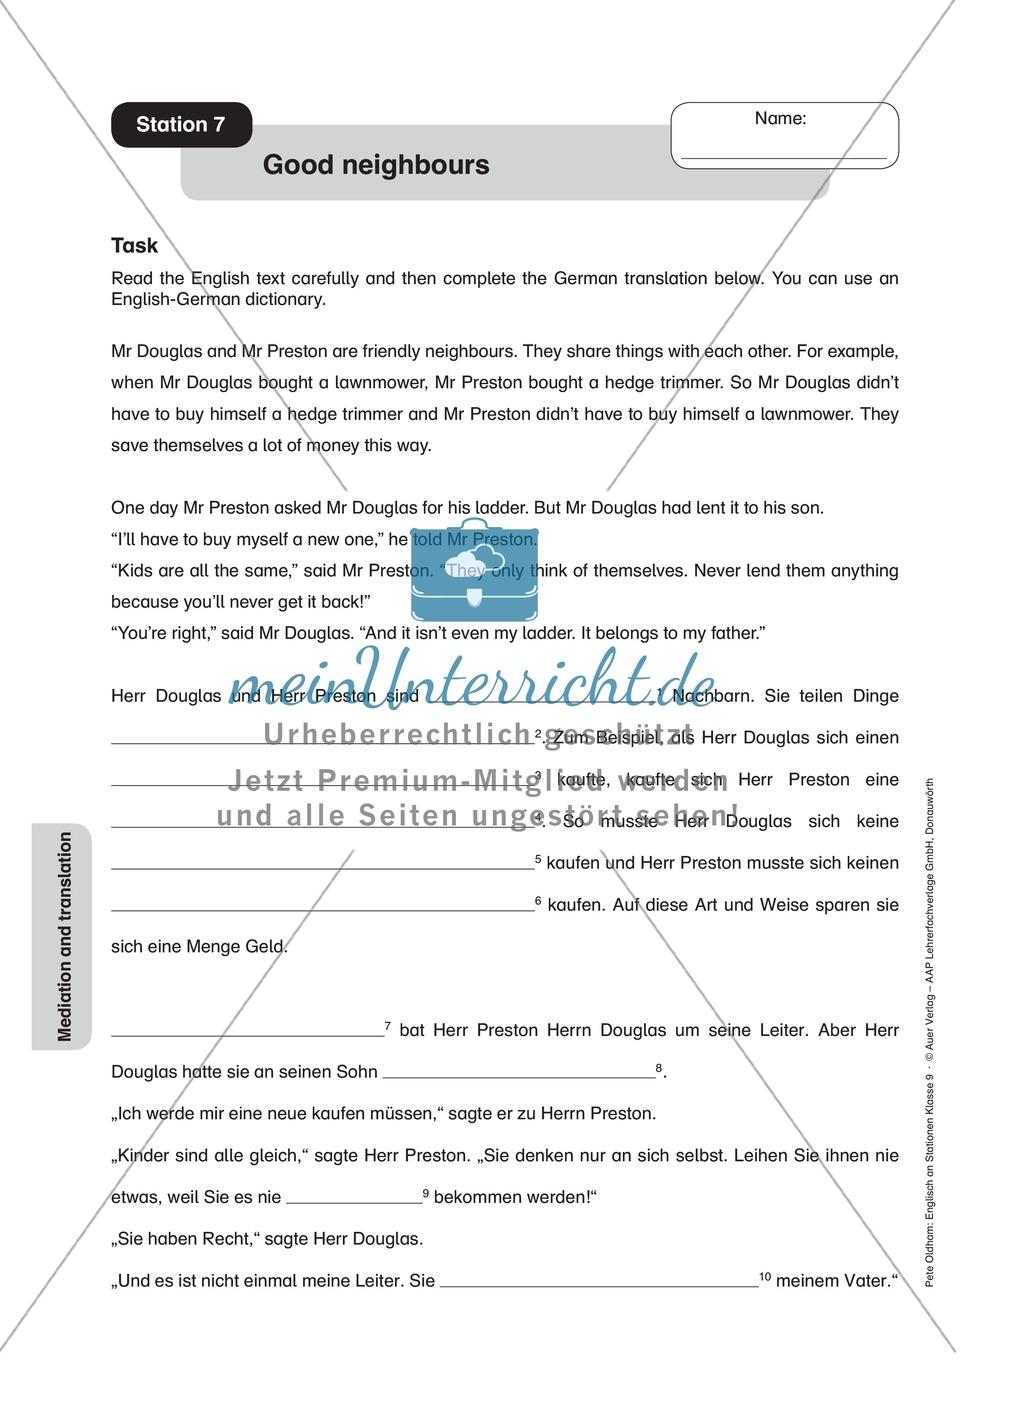 Stationenlernen in der 9. Klasse: Mediation and translation Preview 8